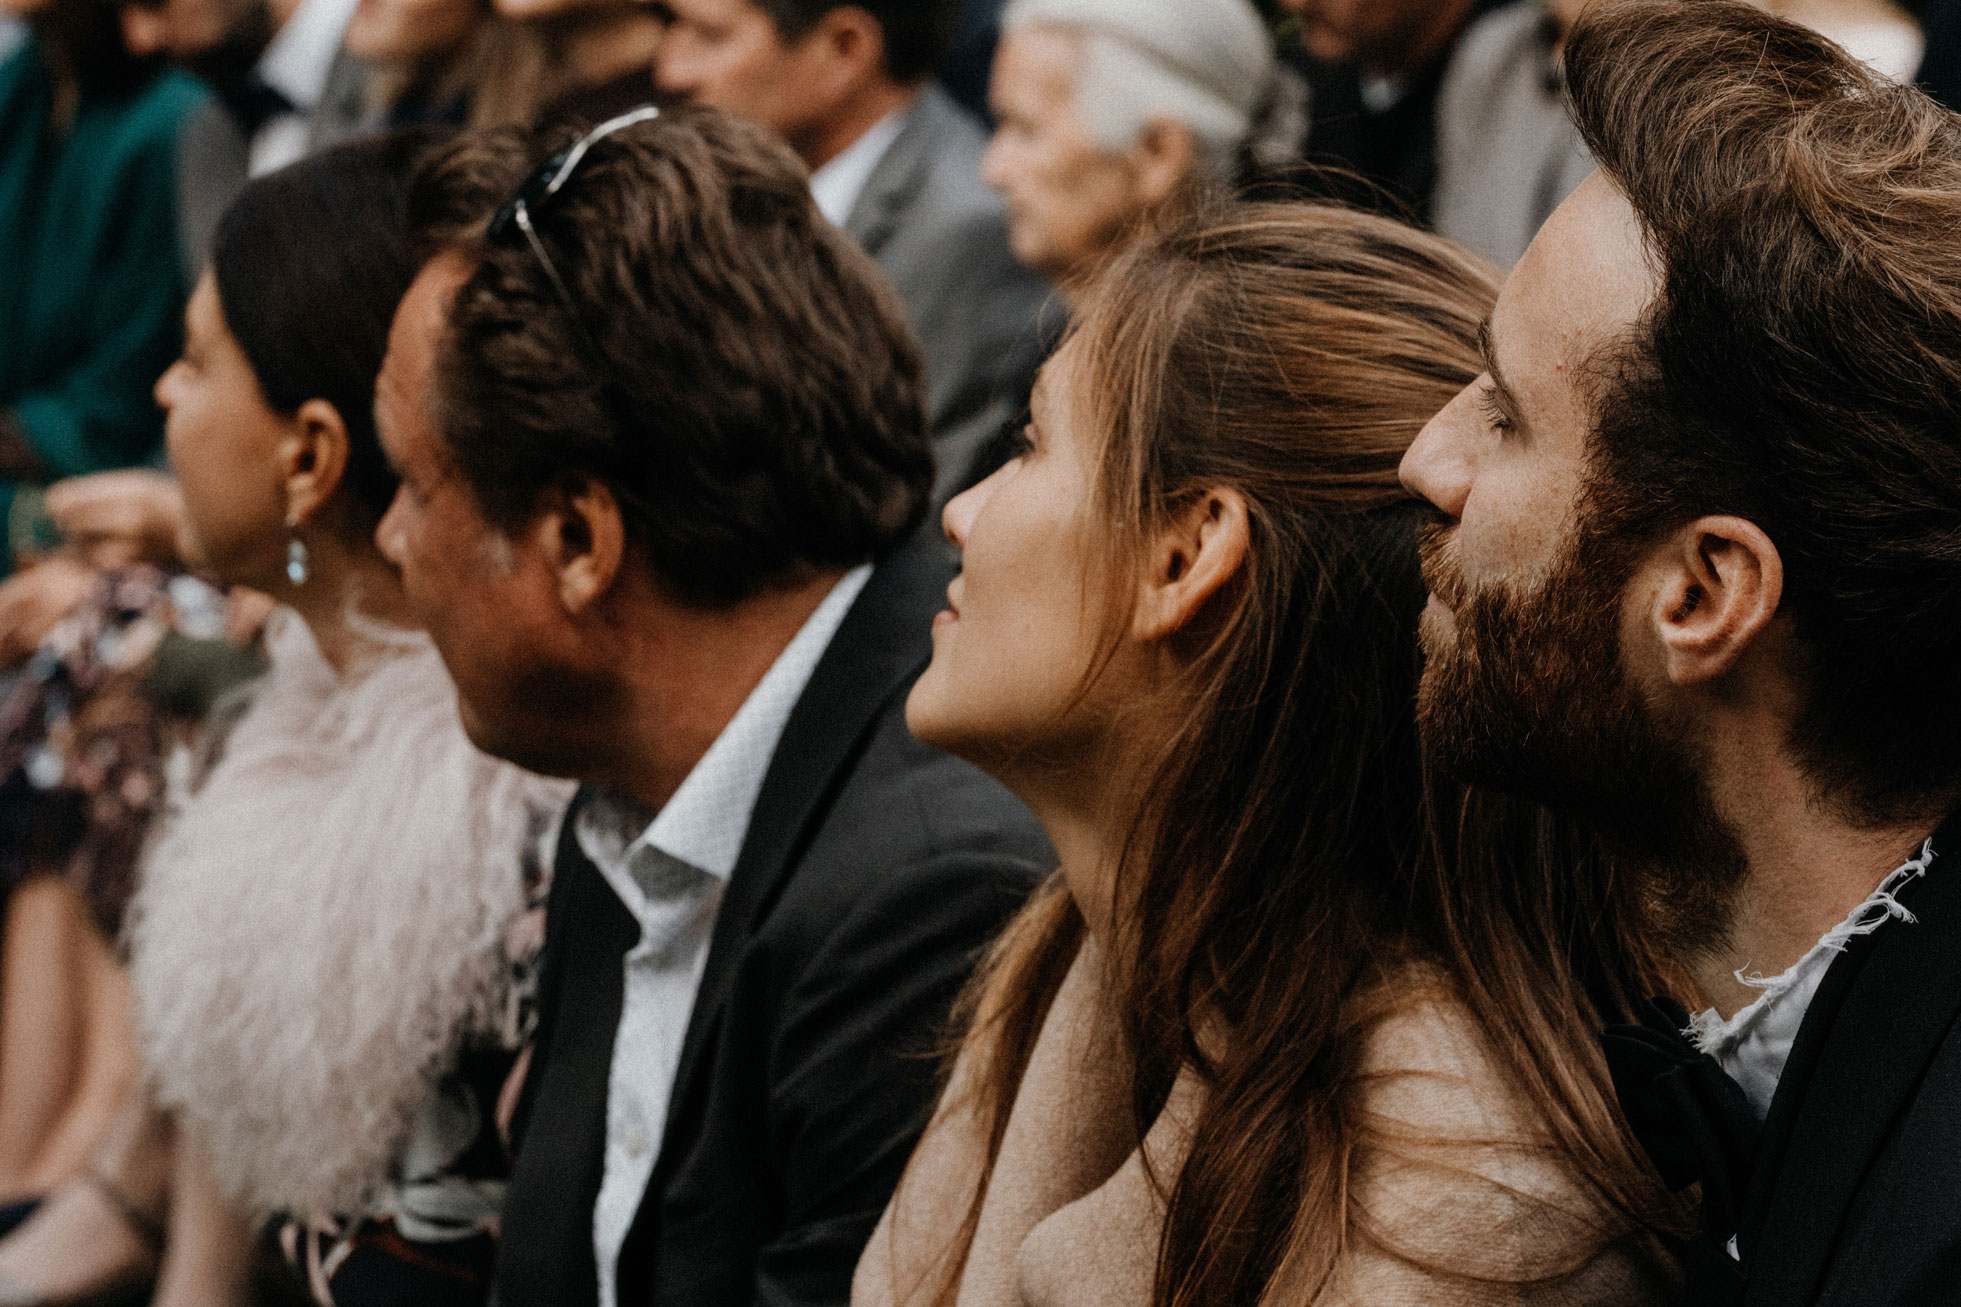 Hochzeit_Claire_Manuel_Villa_Maund_Daniel_Jenny-231.jpg